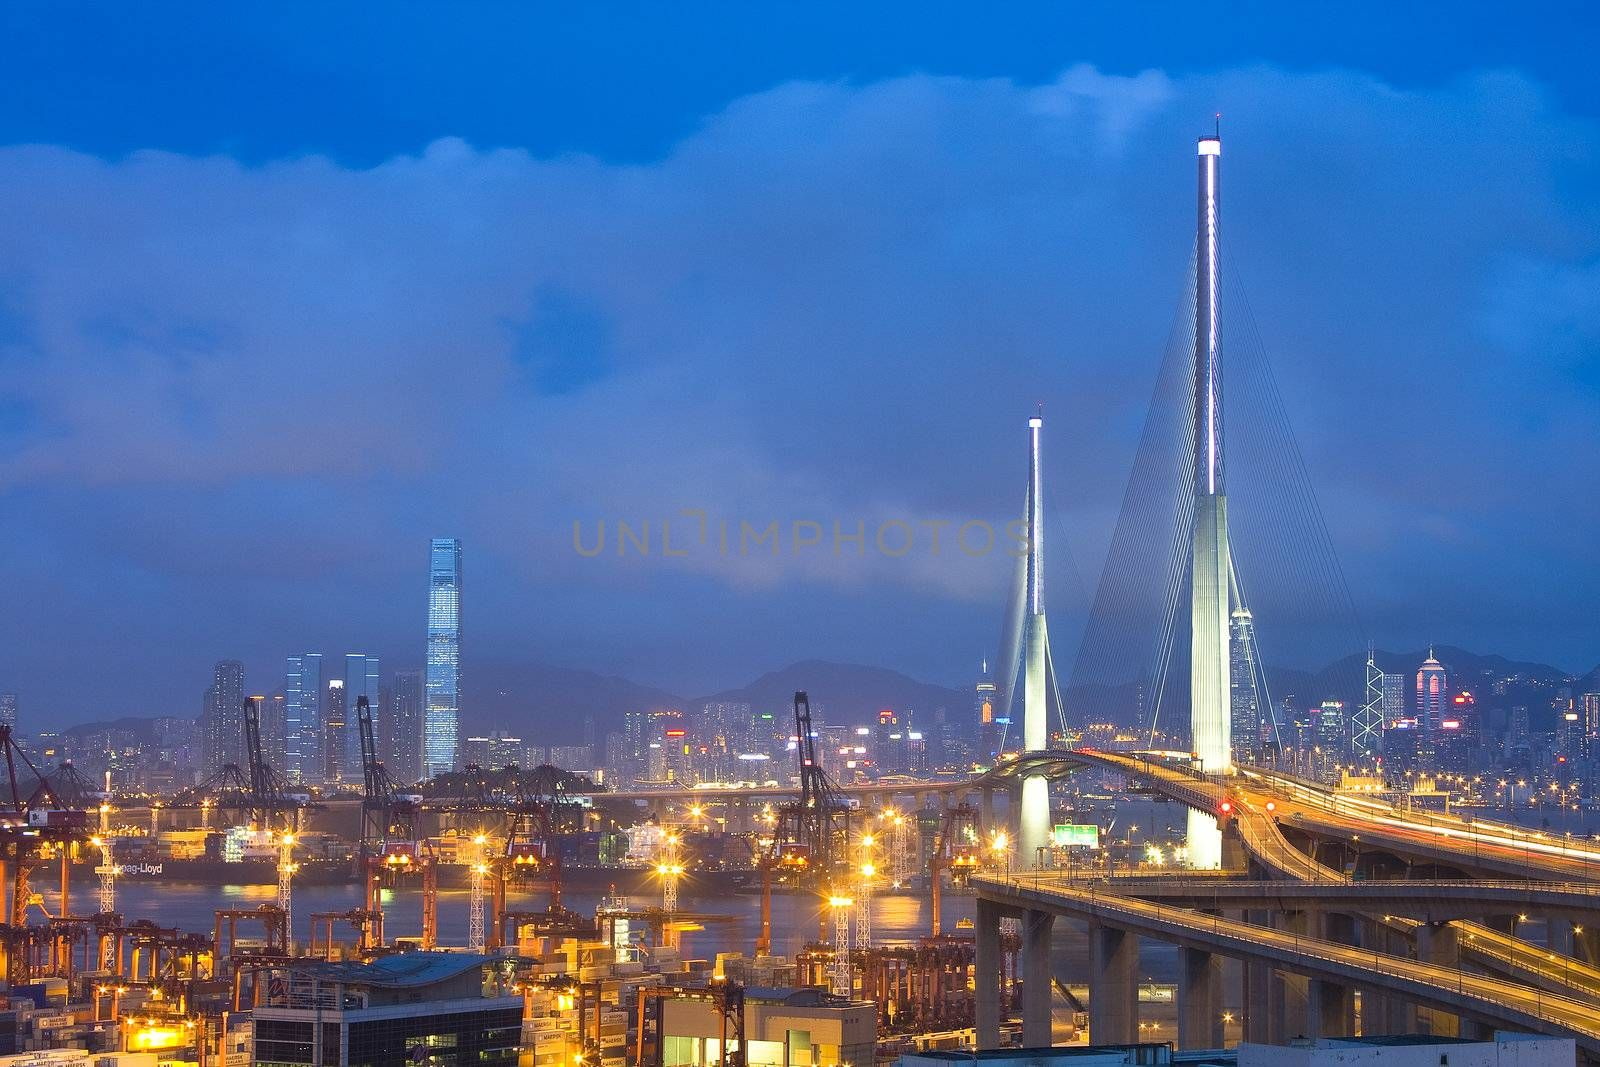 Hong Kong Bridge of transportation at night